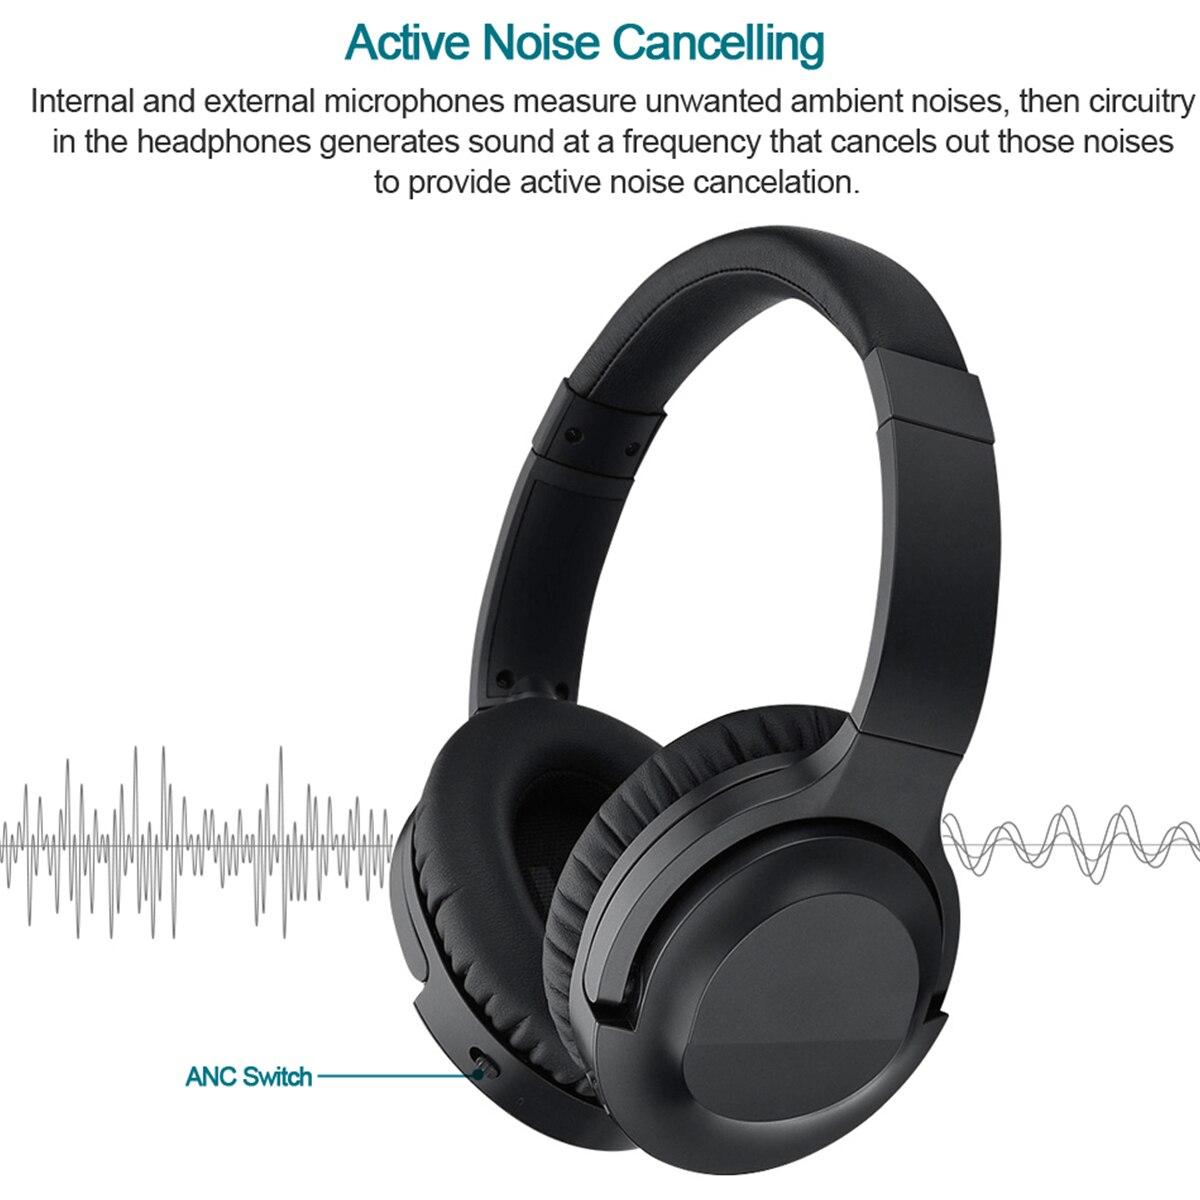 Casque d'écoute Bluetooth pour casque de musique suppression Active du bruit ANC sur l'oreille écouteurs de musique basse profonde mains libres avec Microphone